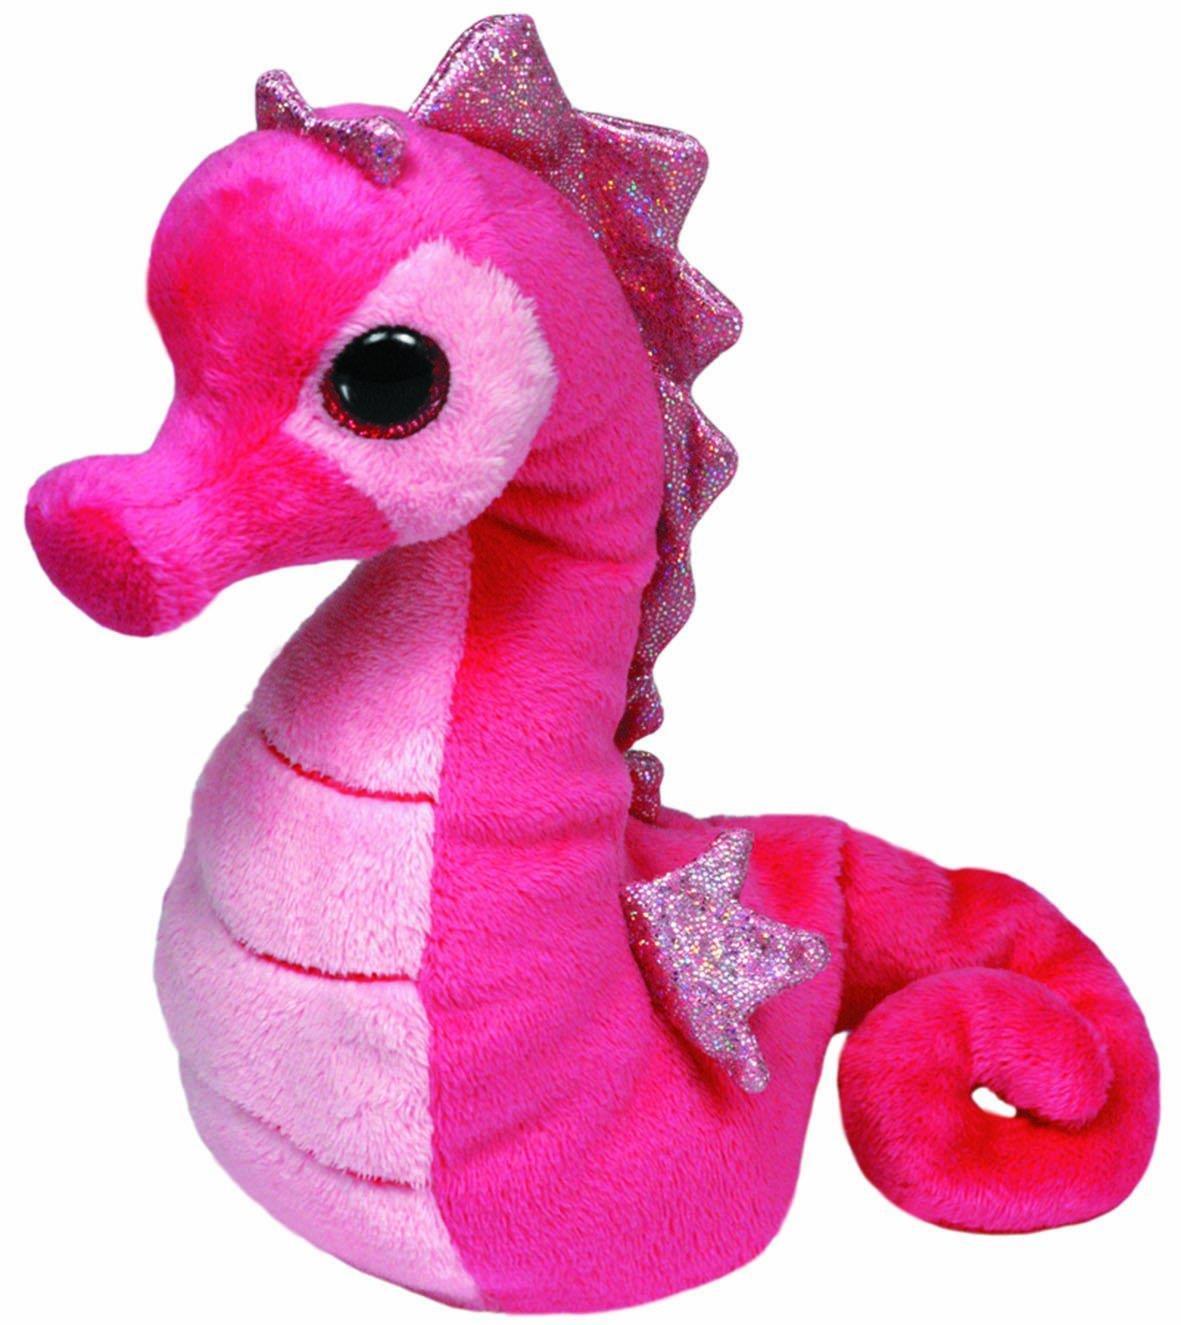 Majestic Мягкая игрушка Beanie Babies Морской конек цвет розовый 17 см42072_розовыйОчаровательная мягкая игрушка Beanie Babies Морской конек, выполненная в виде розового морского конька с большими глазками и блестящими плавниками, вызовет умиление и улыбку у каждого, кто ее увидит. Игрушка станет замечательным подарком, как ребенку, так и взрослому. Удивительно мягкая игрушка принесет радость и подарит своему обладателю мгновения нежных объятий и приятных воспоминаний. Специальные гранулы, используемые при ее набивке, способствуют развитию мелкой моторики рук малыша. В качестве набивки используется синтепон. Великолепное качество исполнения делают эту игрушку чудесным подарком к любому празднику.